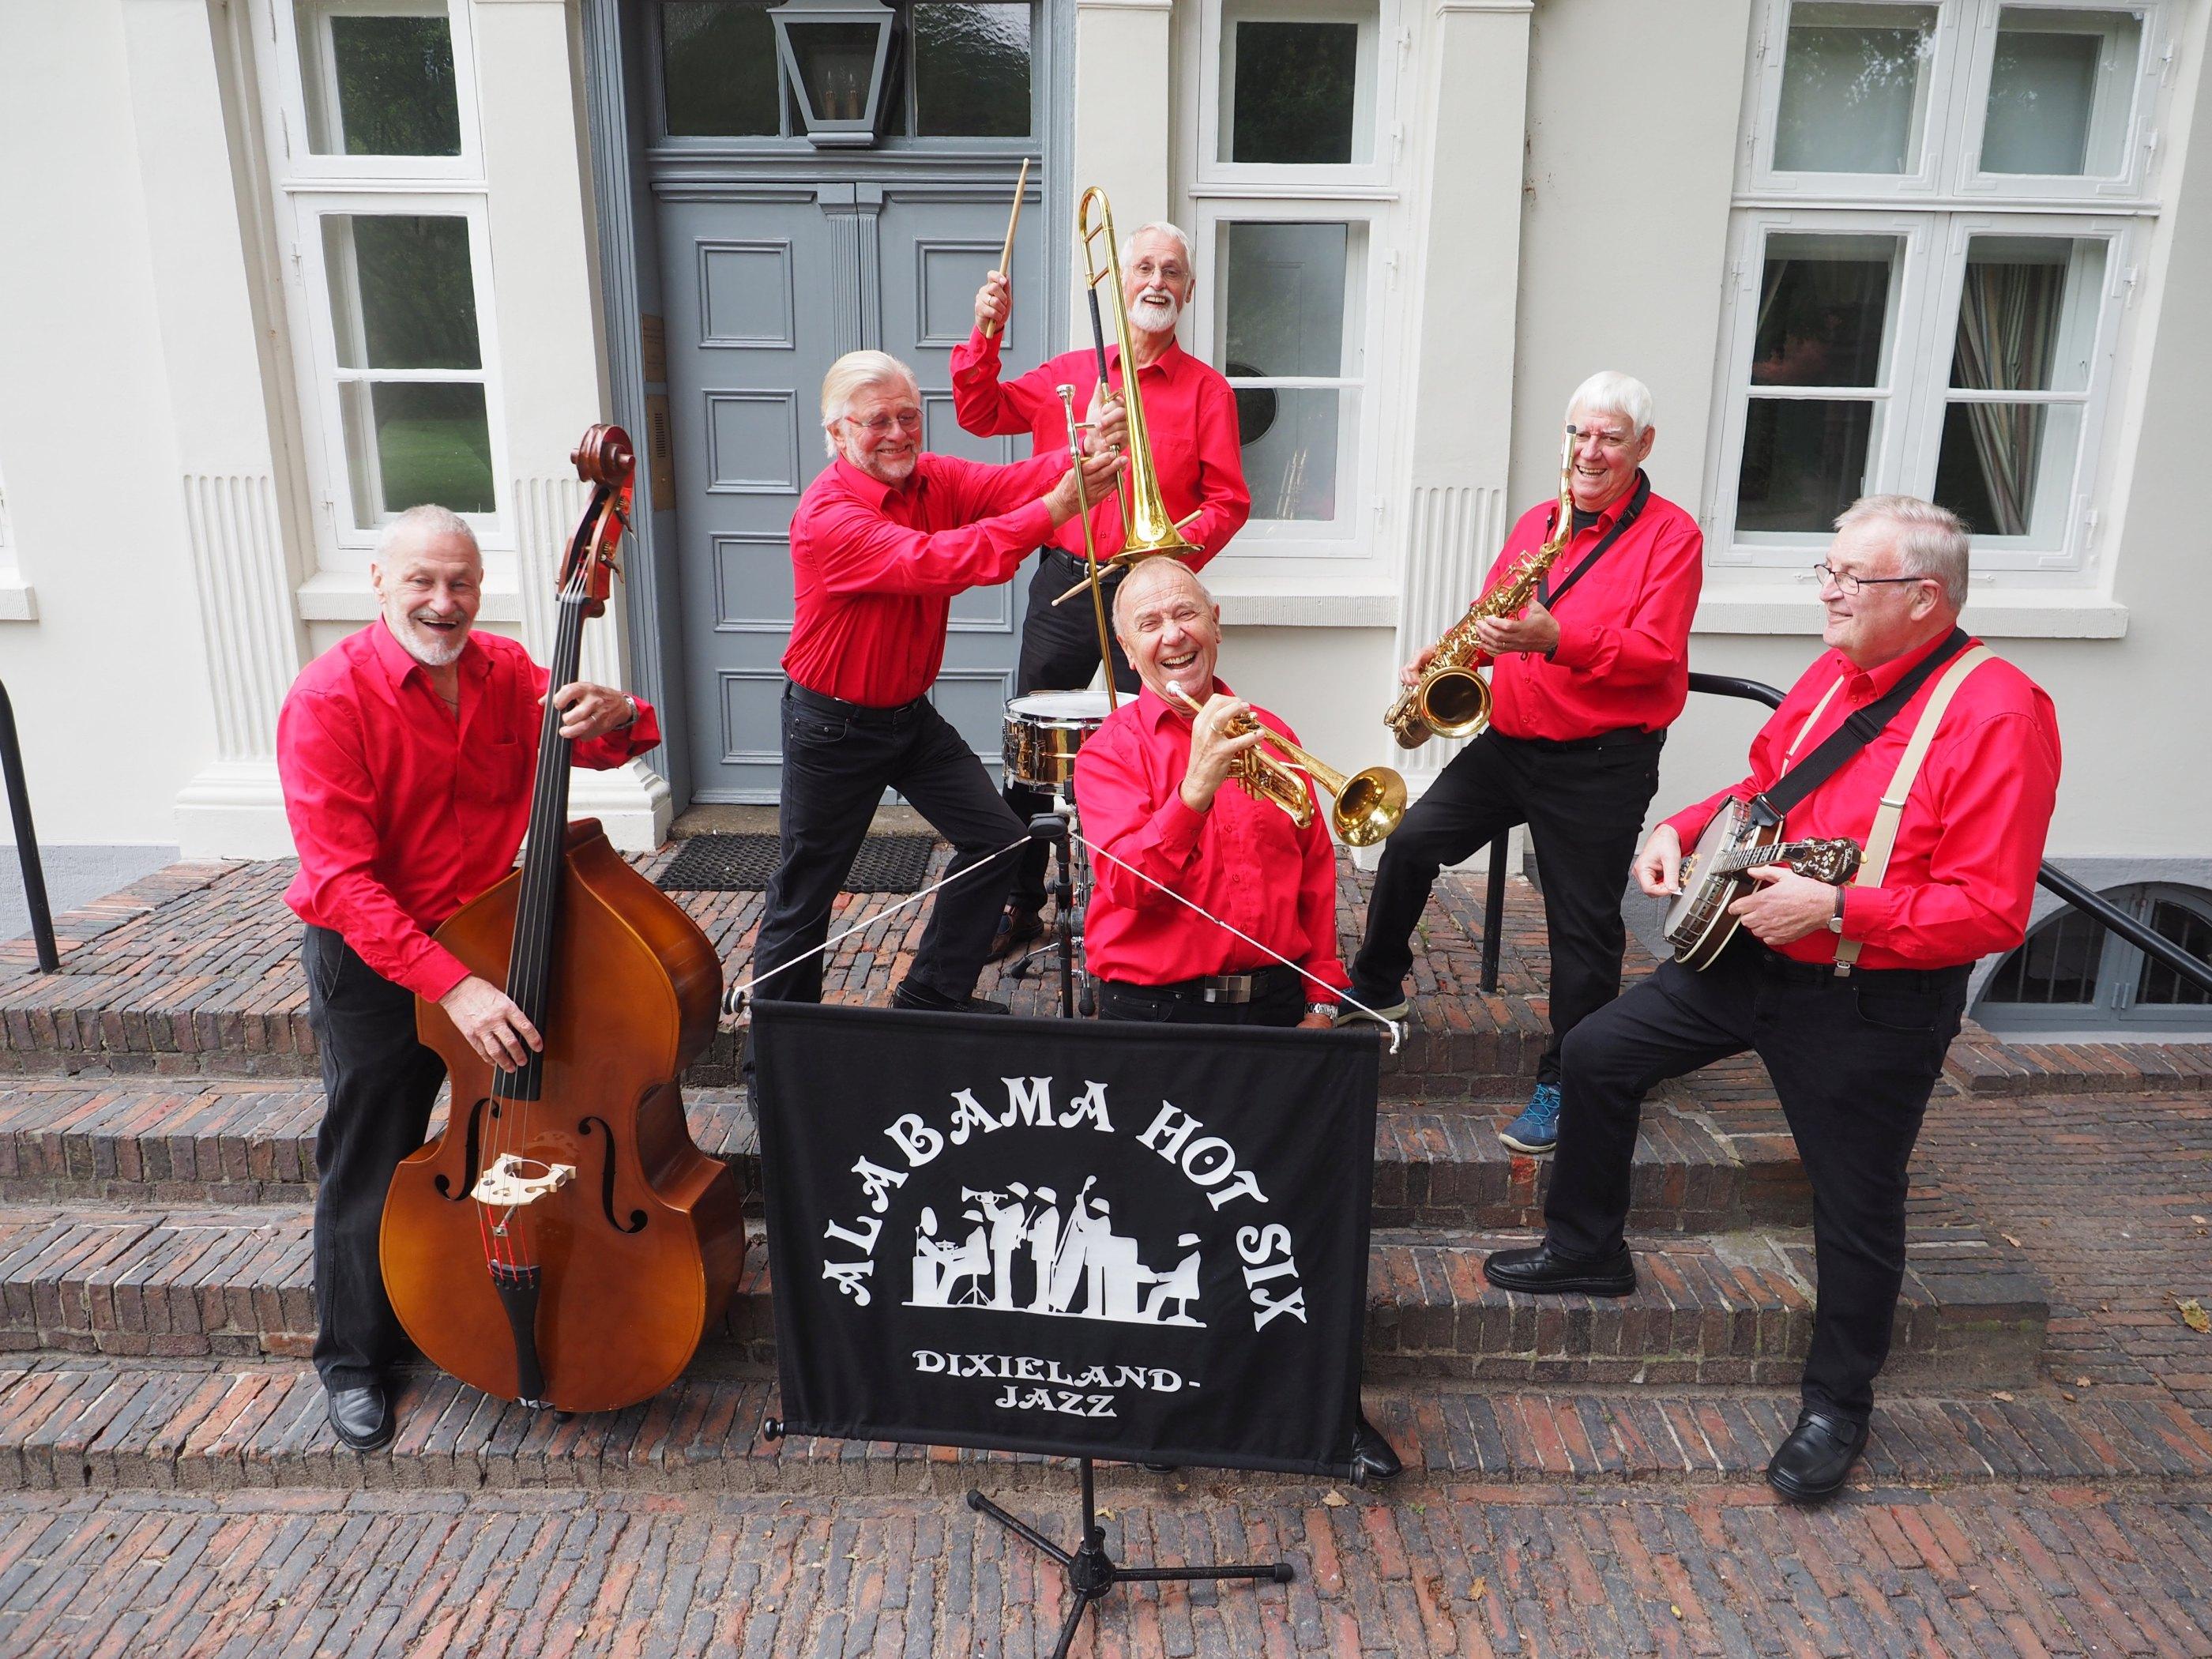 priv. -Die Dixielandband wurde vor fast 40 Jahren von dem Trompeter Gunnar Thielemann gegründet der nach langer Pause sein Instrument neu entdeckt hatte. Die Band ist regelmäßig im Hamburger Cotton Club zu hören.